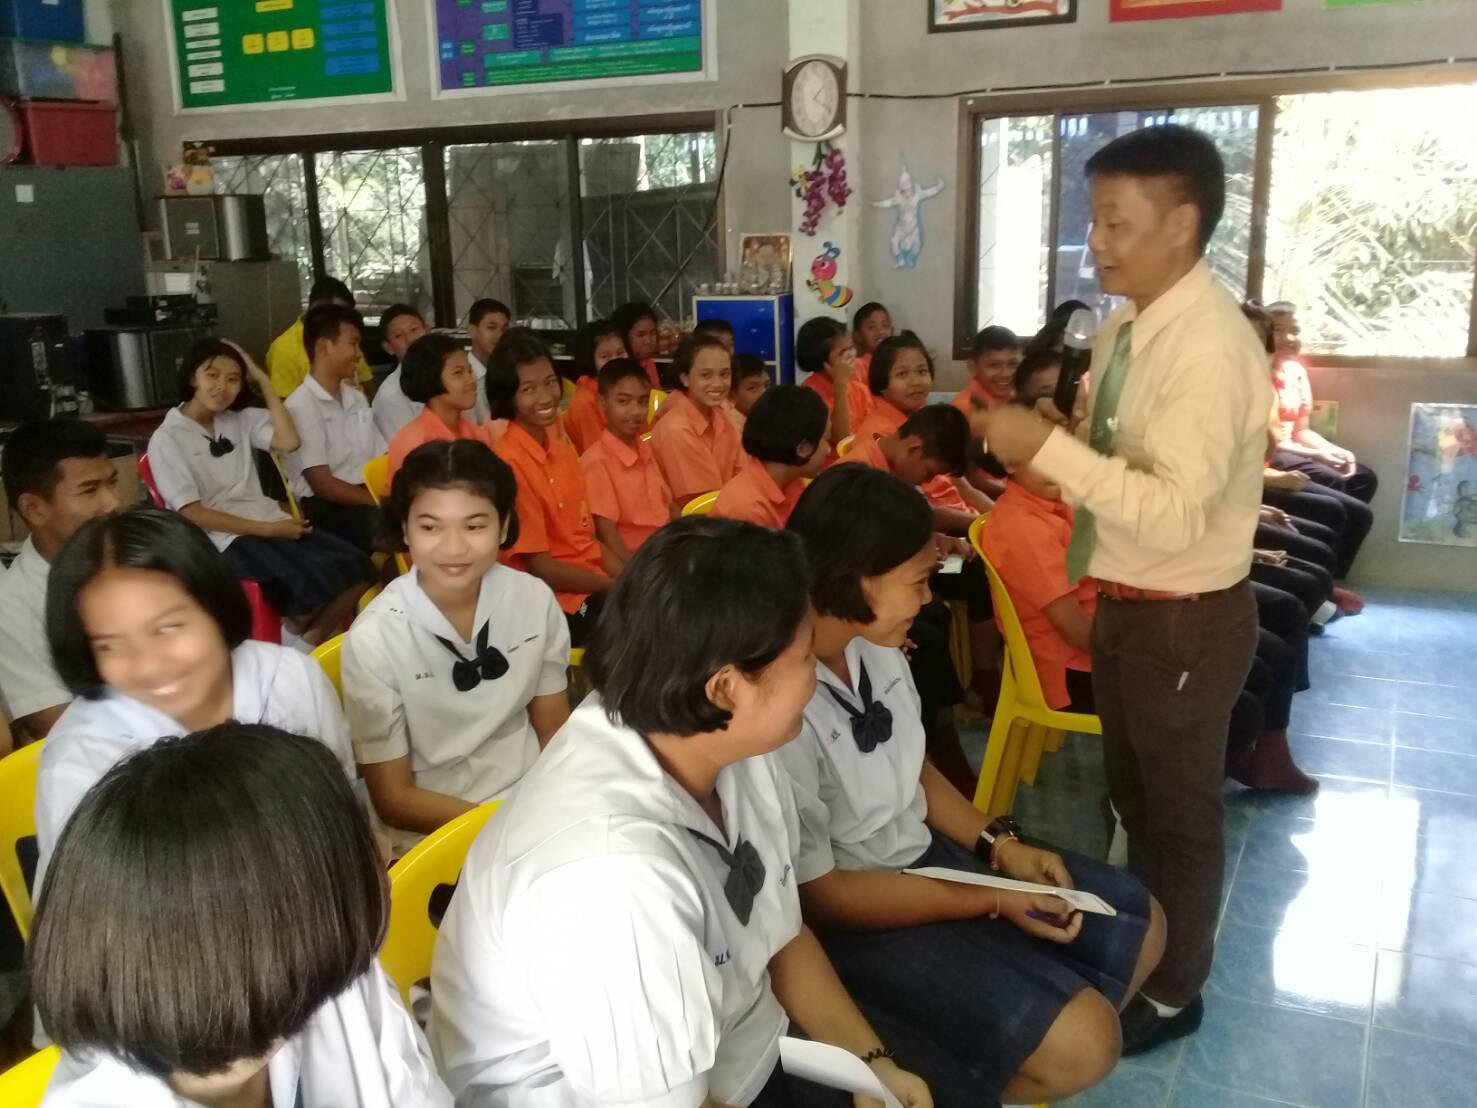 การเตรียมความพร้อมให้แก่นักเรียน นักศึกษาก่อนเข้าสู่ตลาดแรงงาน